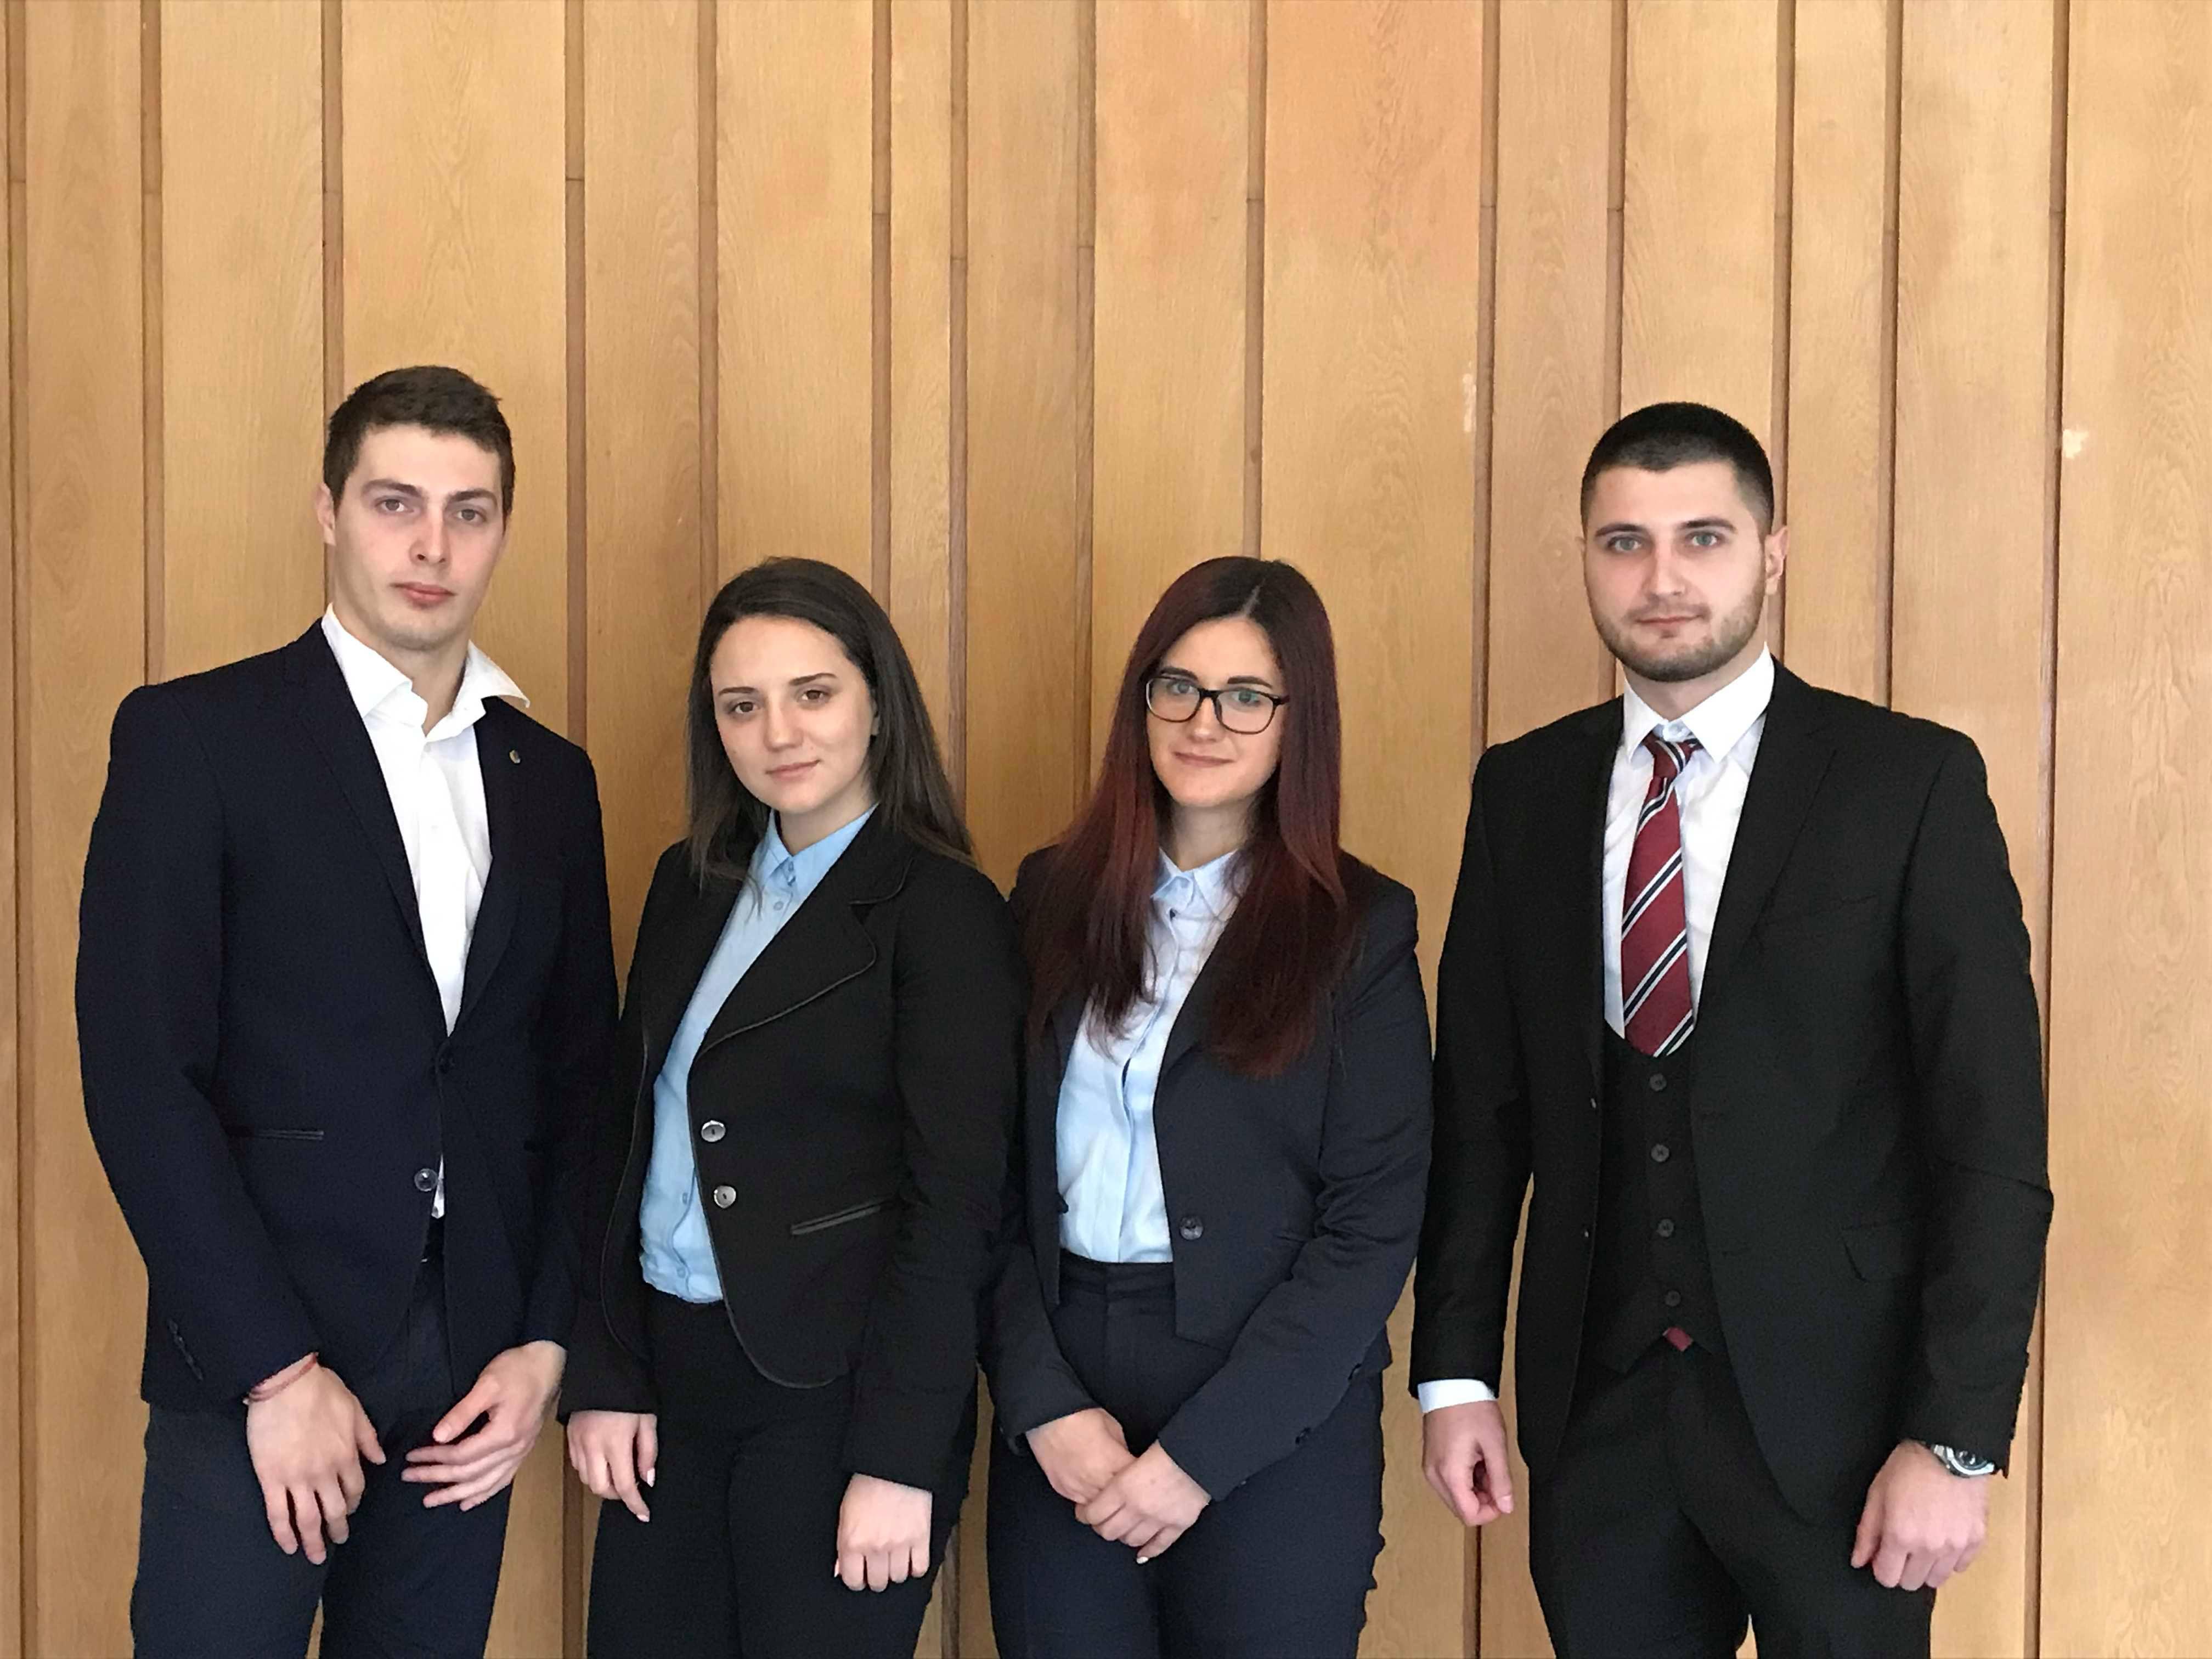 Призово класиране за свищовски студенти в национално финансово състезание: CFA Research Challenge (05.03.2018 г.)